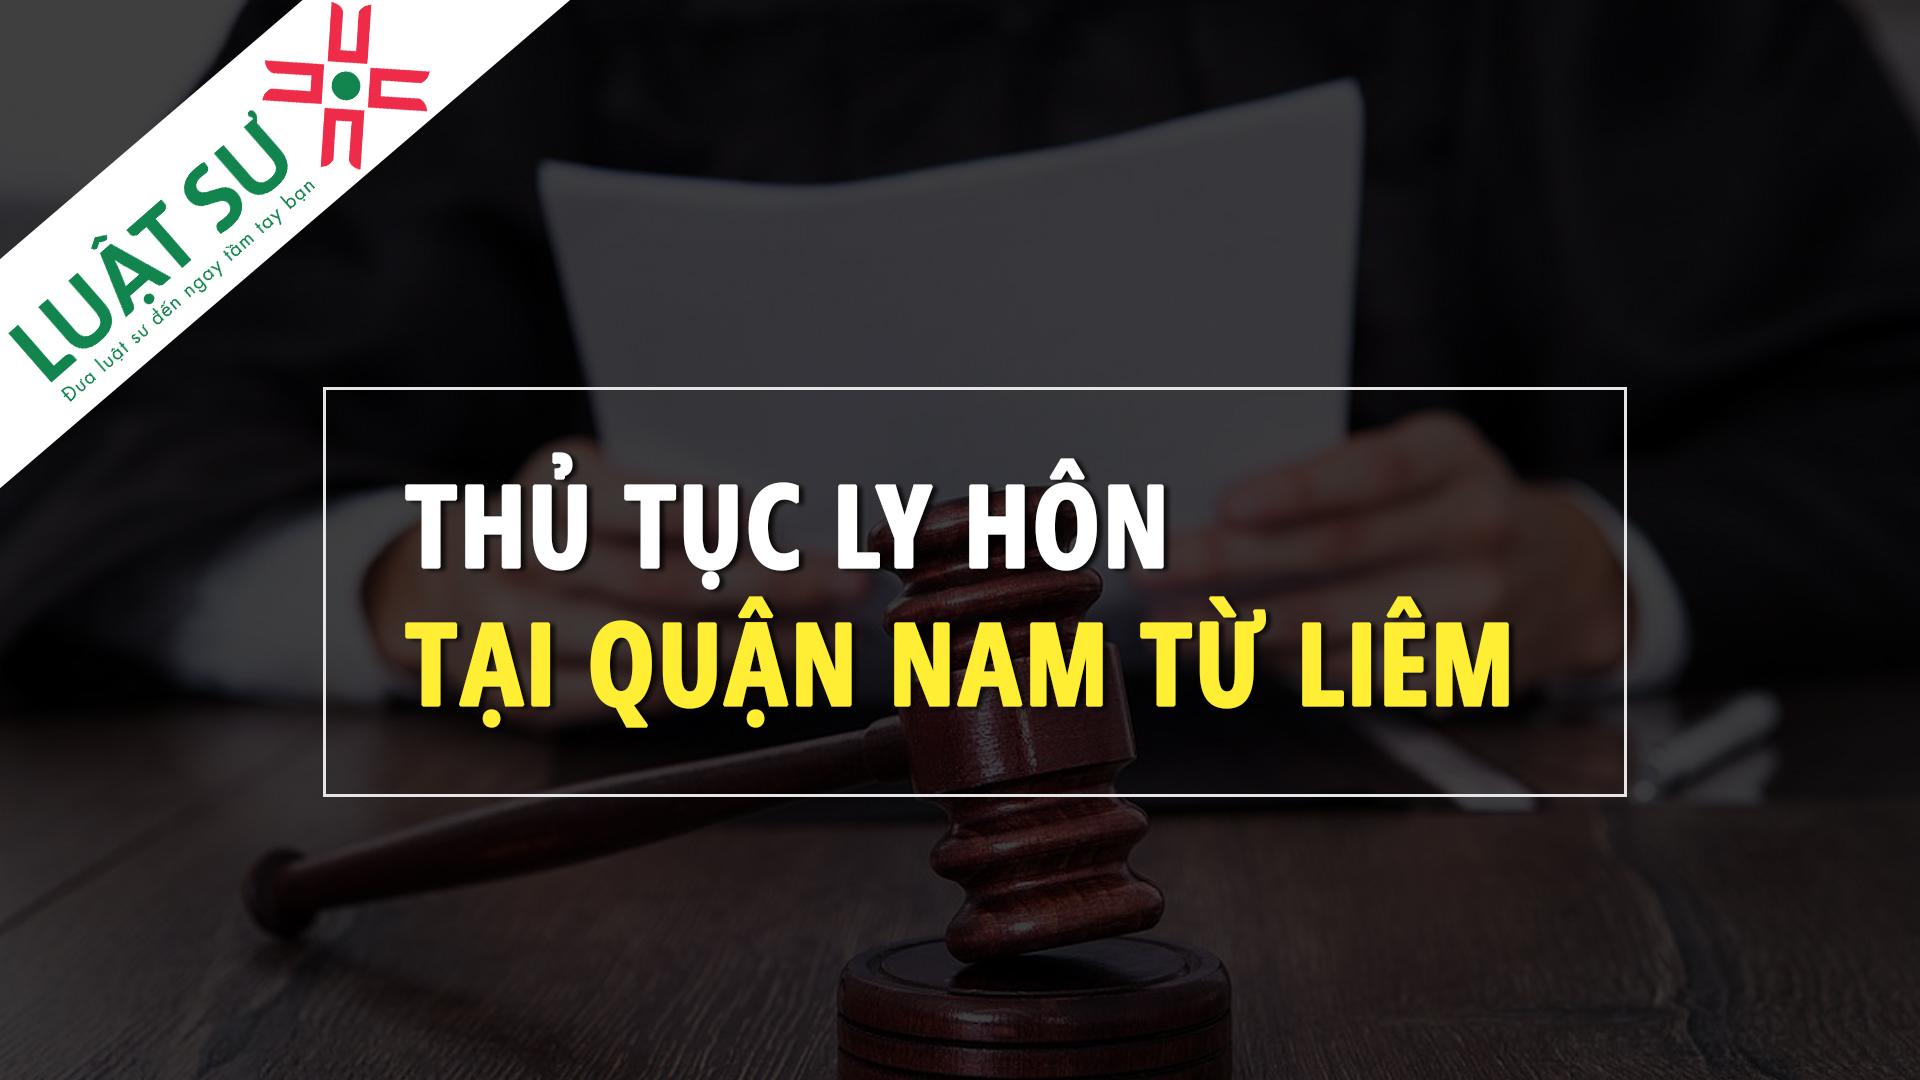 Thủ tục ly hôn tại Quận Nam Từ Liêm